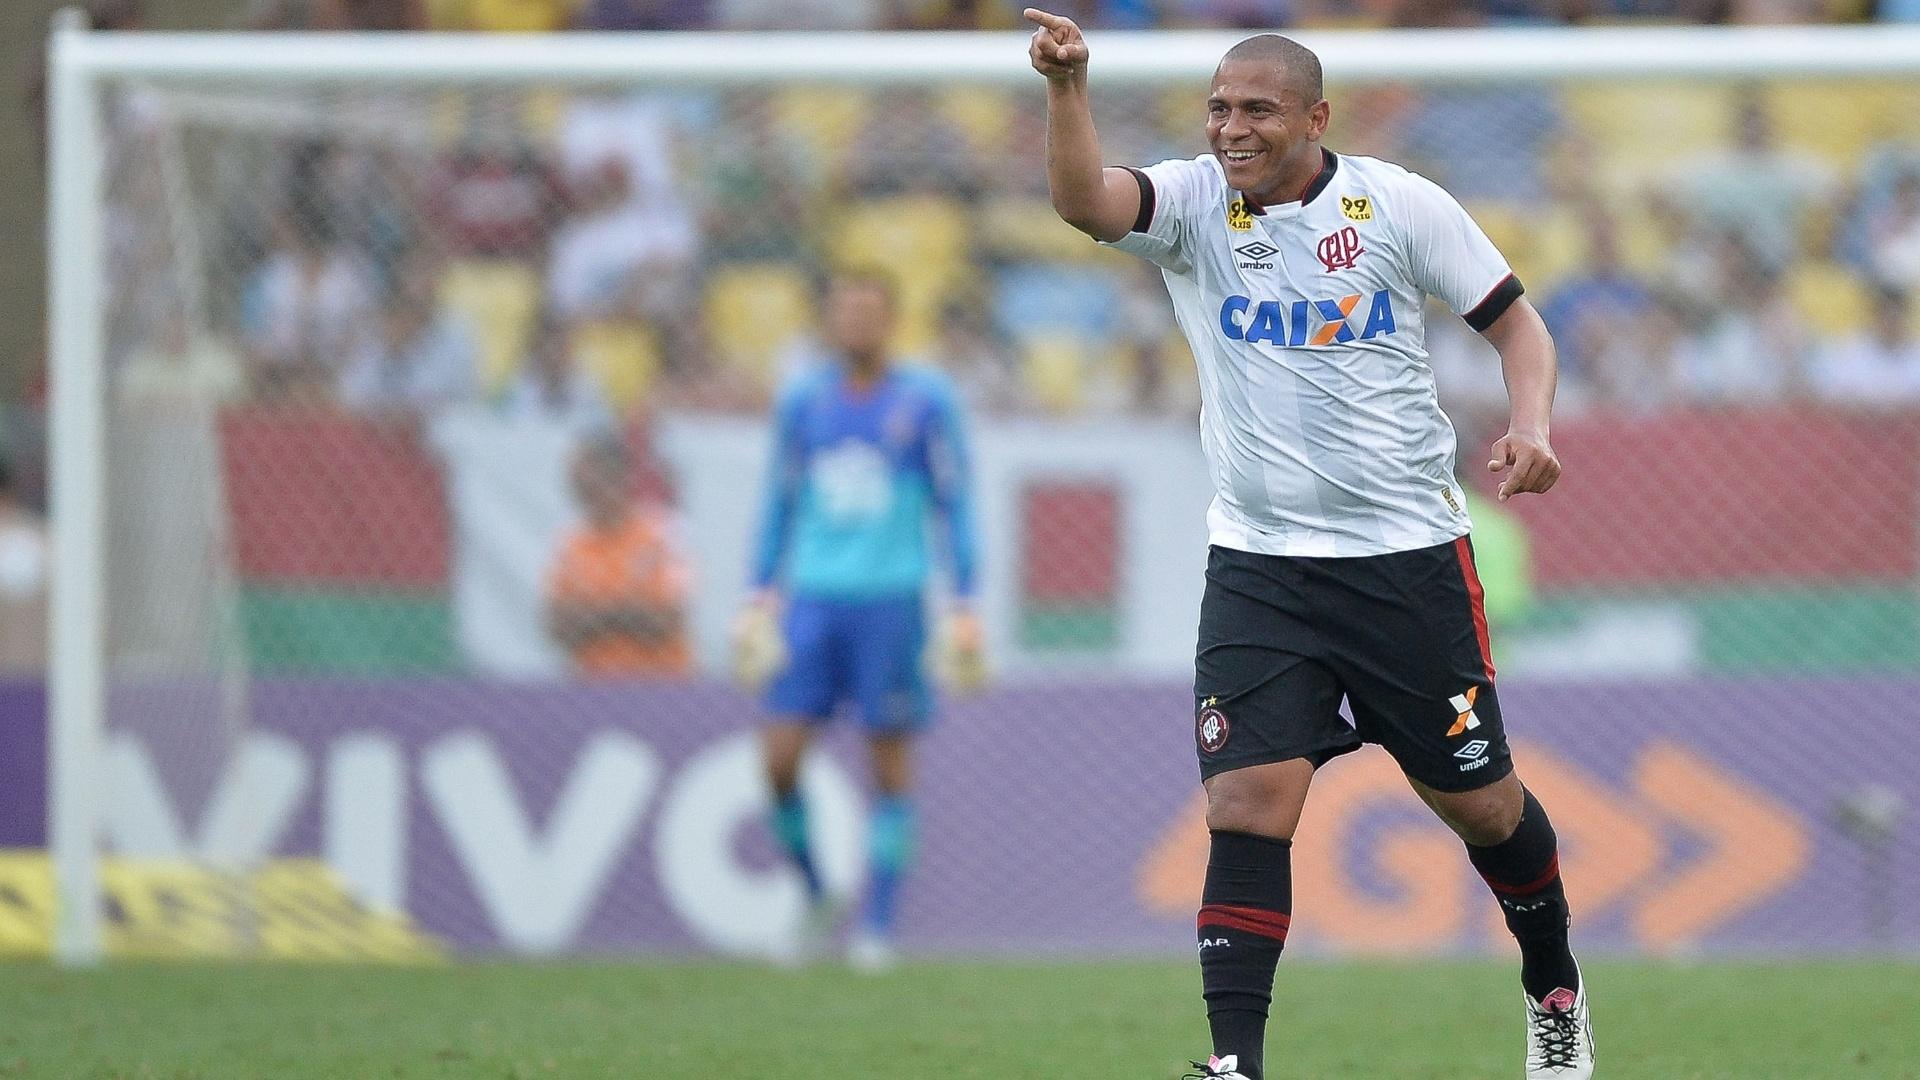 Walter comemora após marcar para o Atlético-PR, em partida contra o Fluminense neste sábado (24)